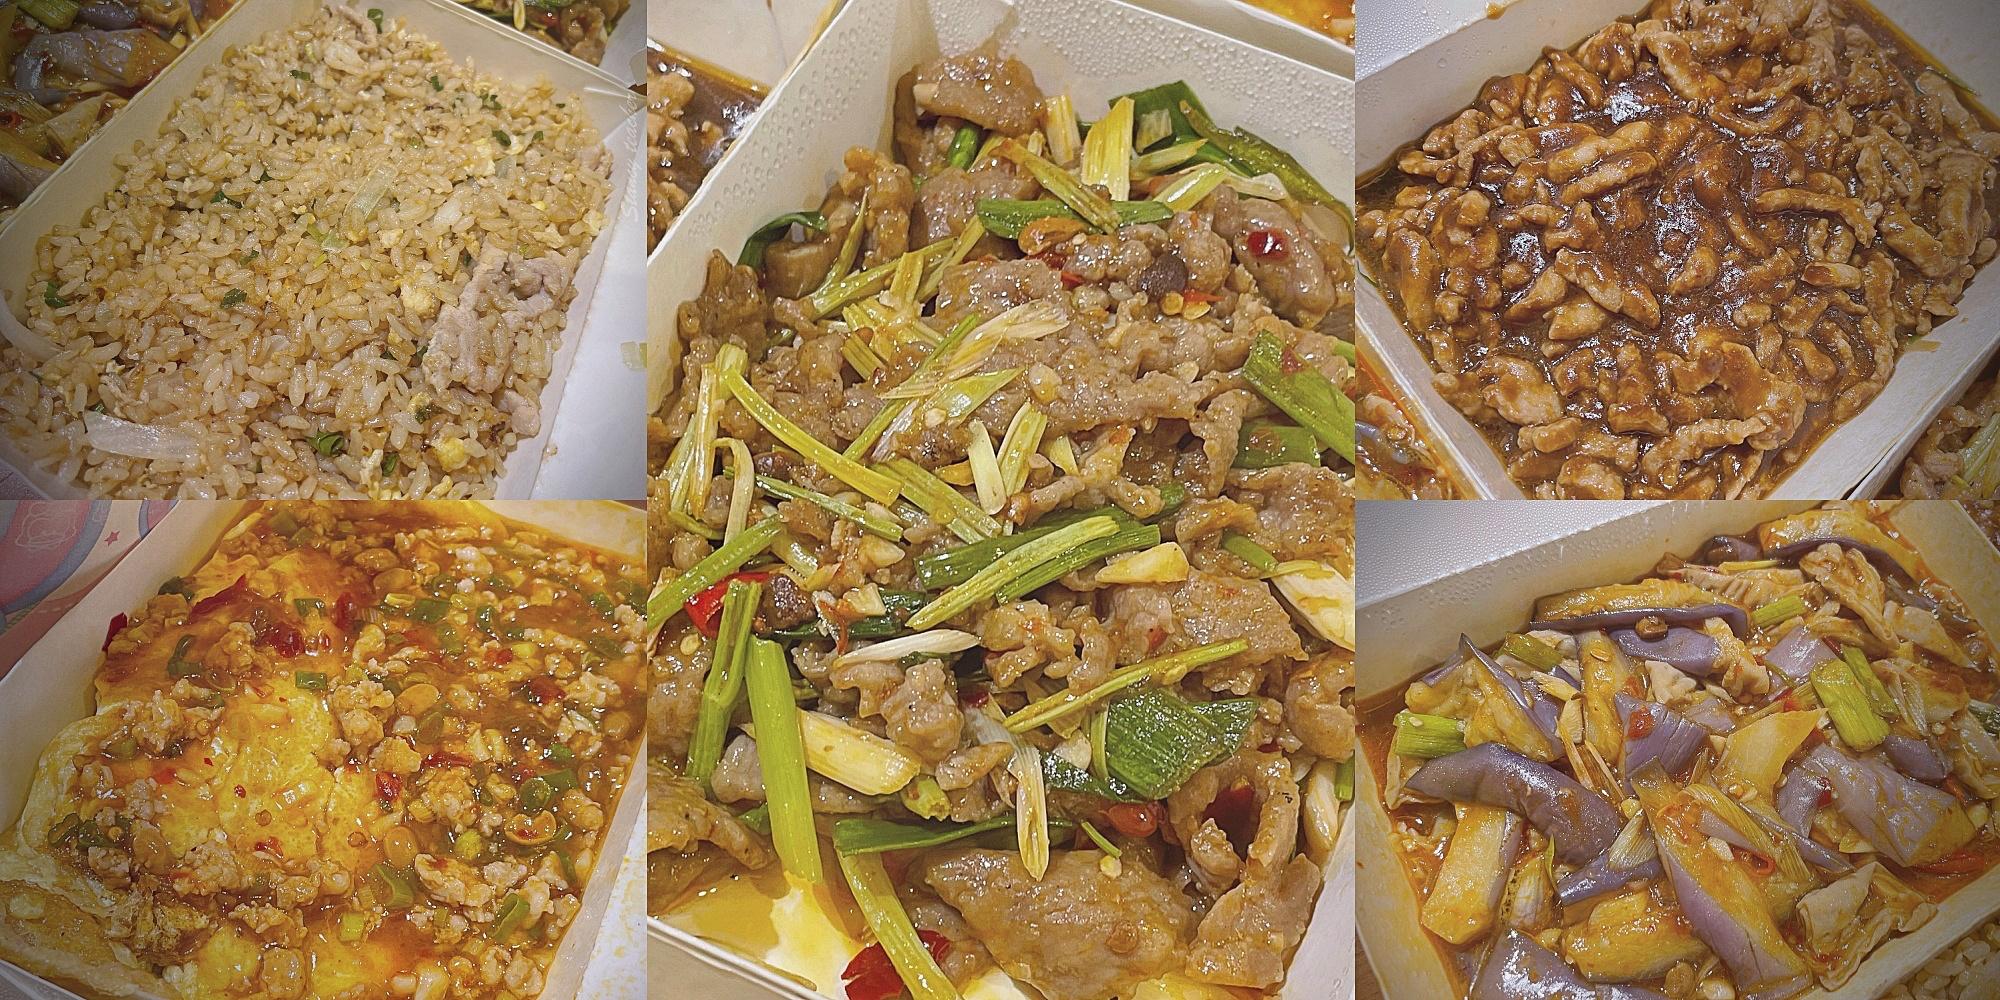 淡海哈囉川味|淡水沙崙路美食|淡水川味料理|淡水四川菜外帶(菜單、價格)